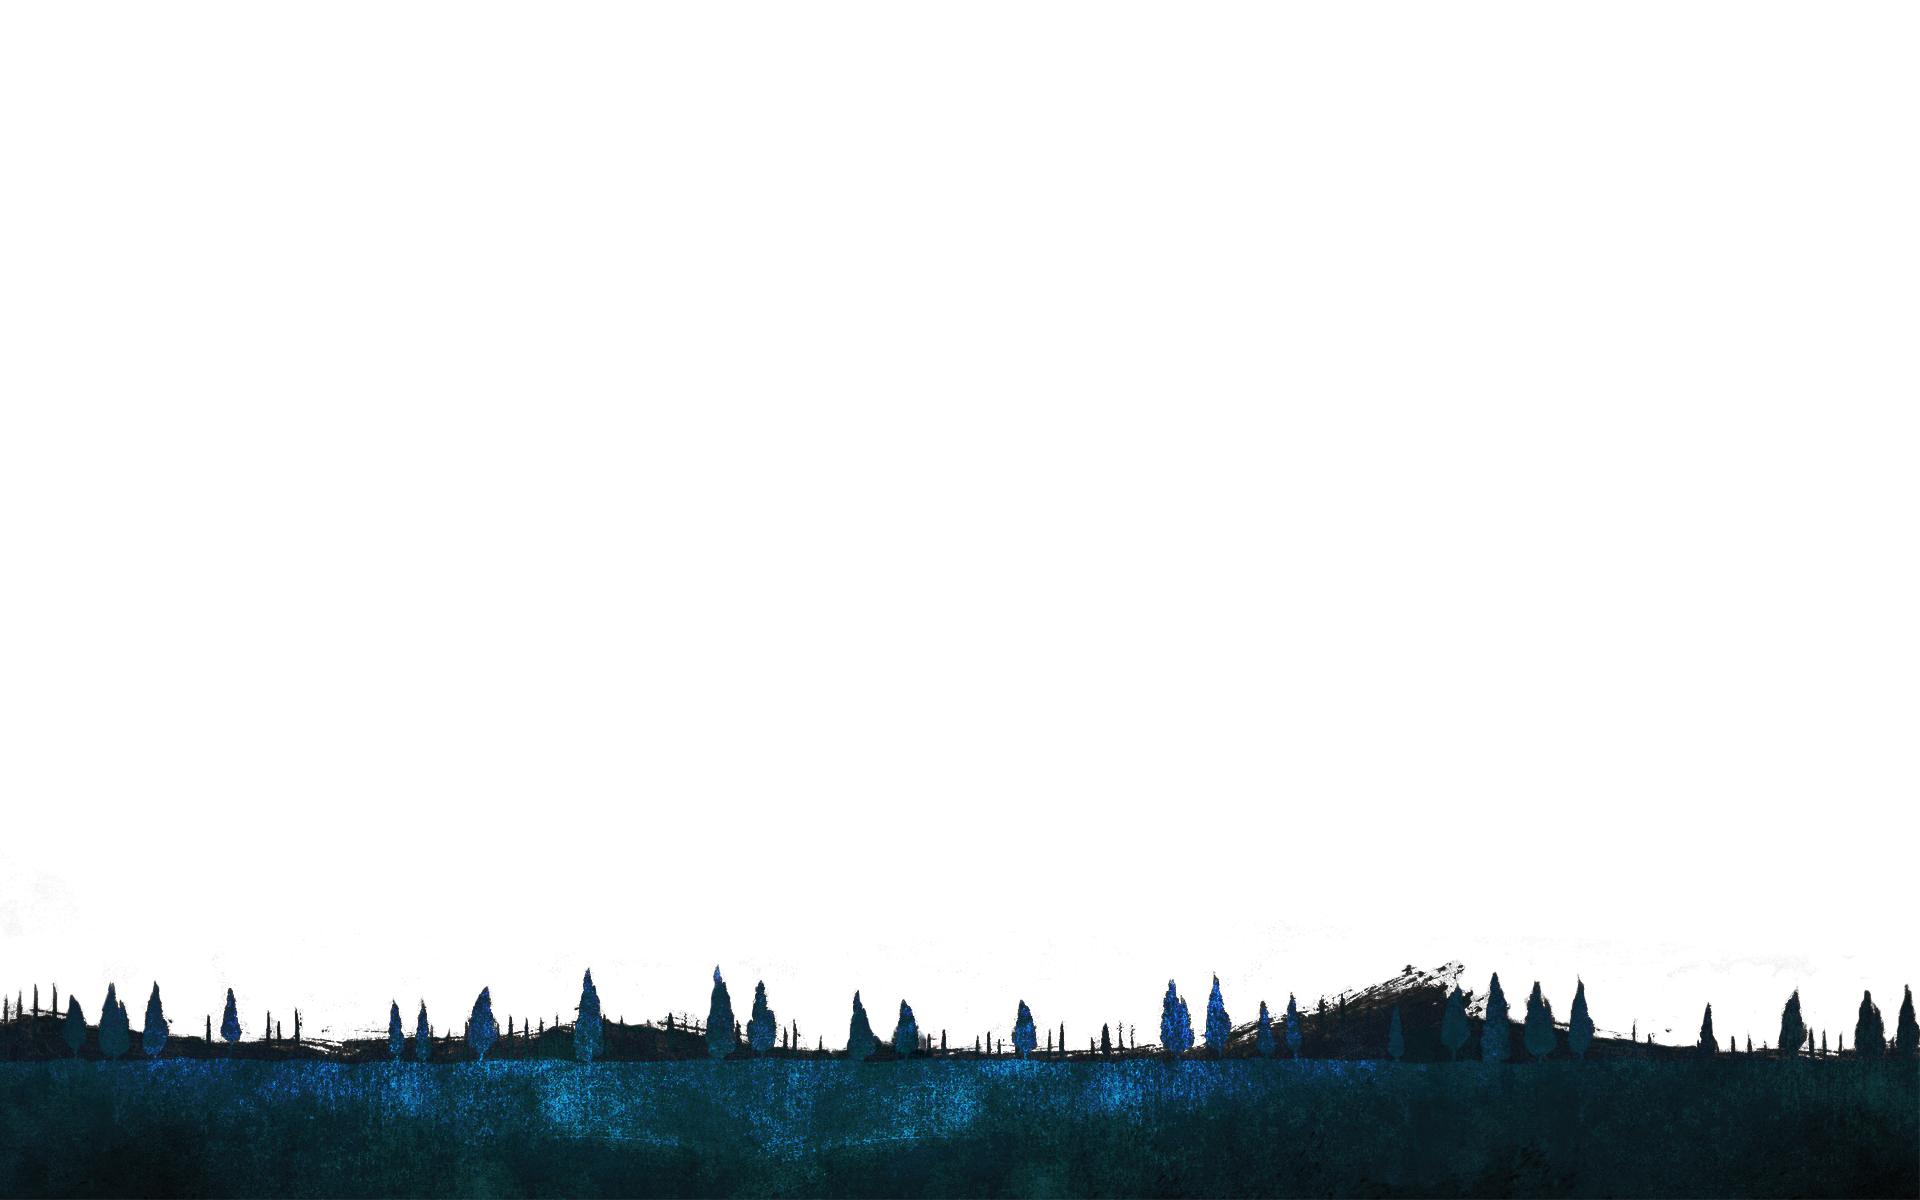 Hd wallpaper minimalist - Minimal Full Hd Wallpaper Full Hd Wallpapers Download 1080p Desktop